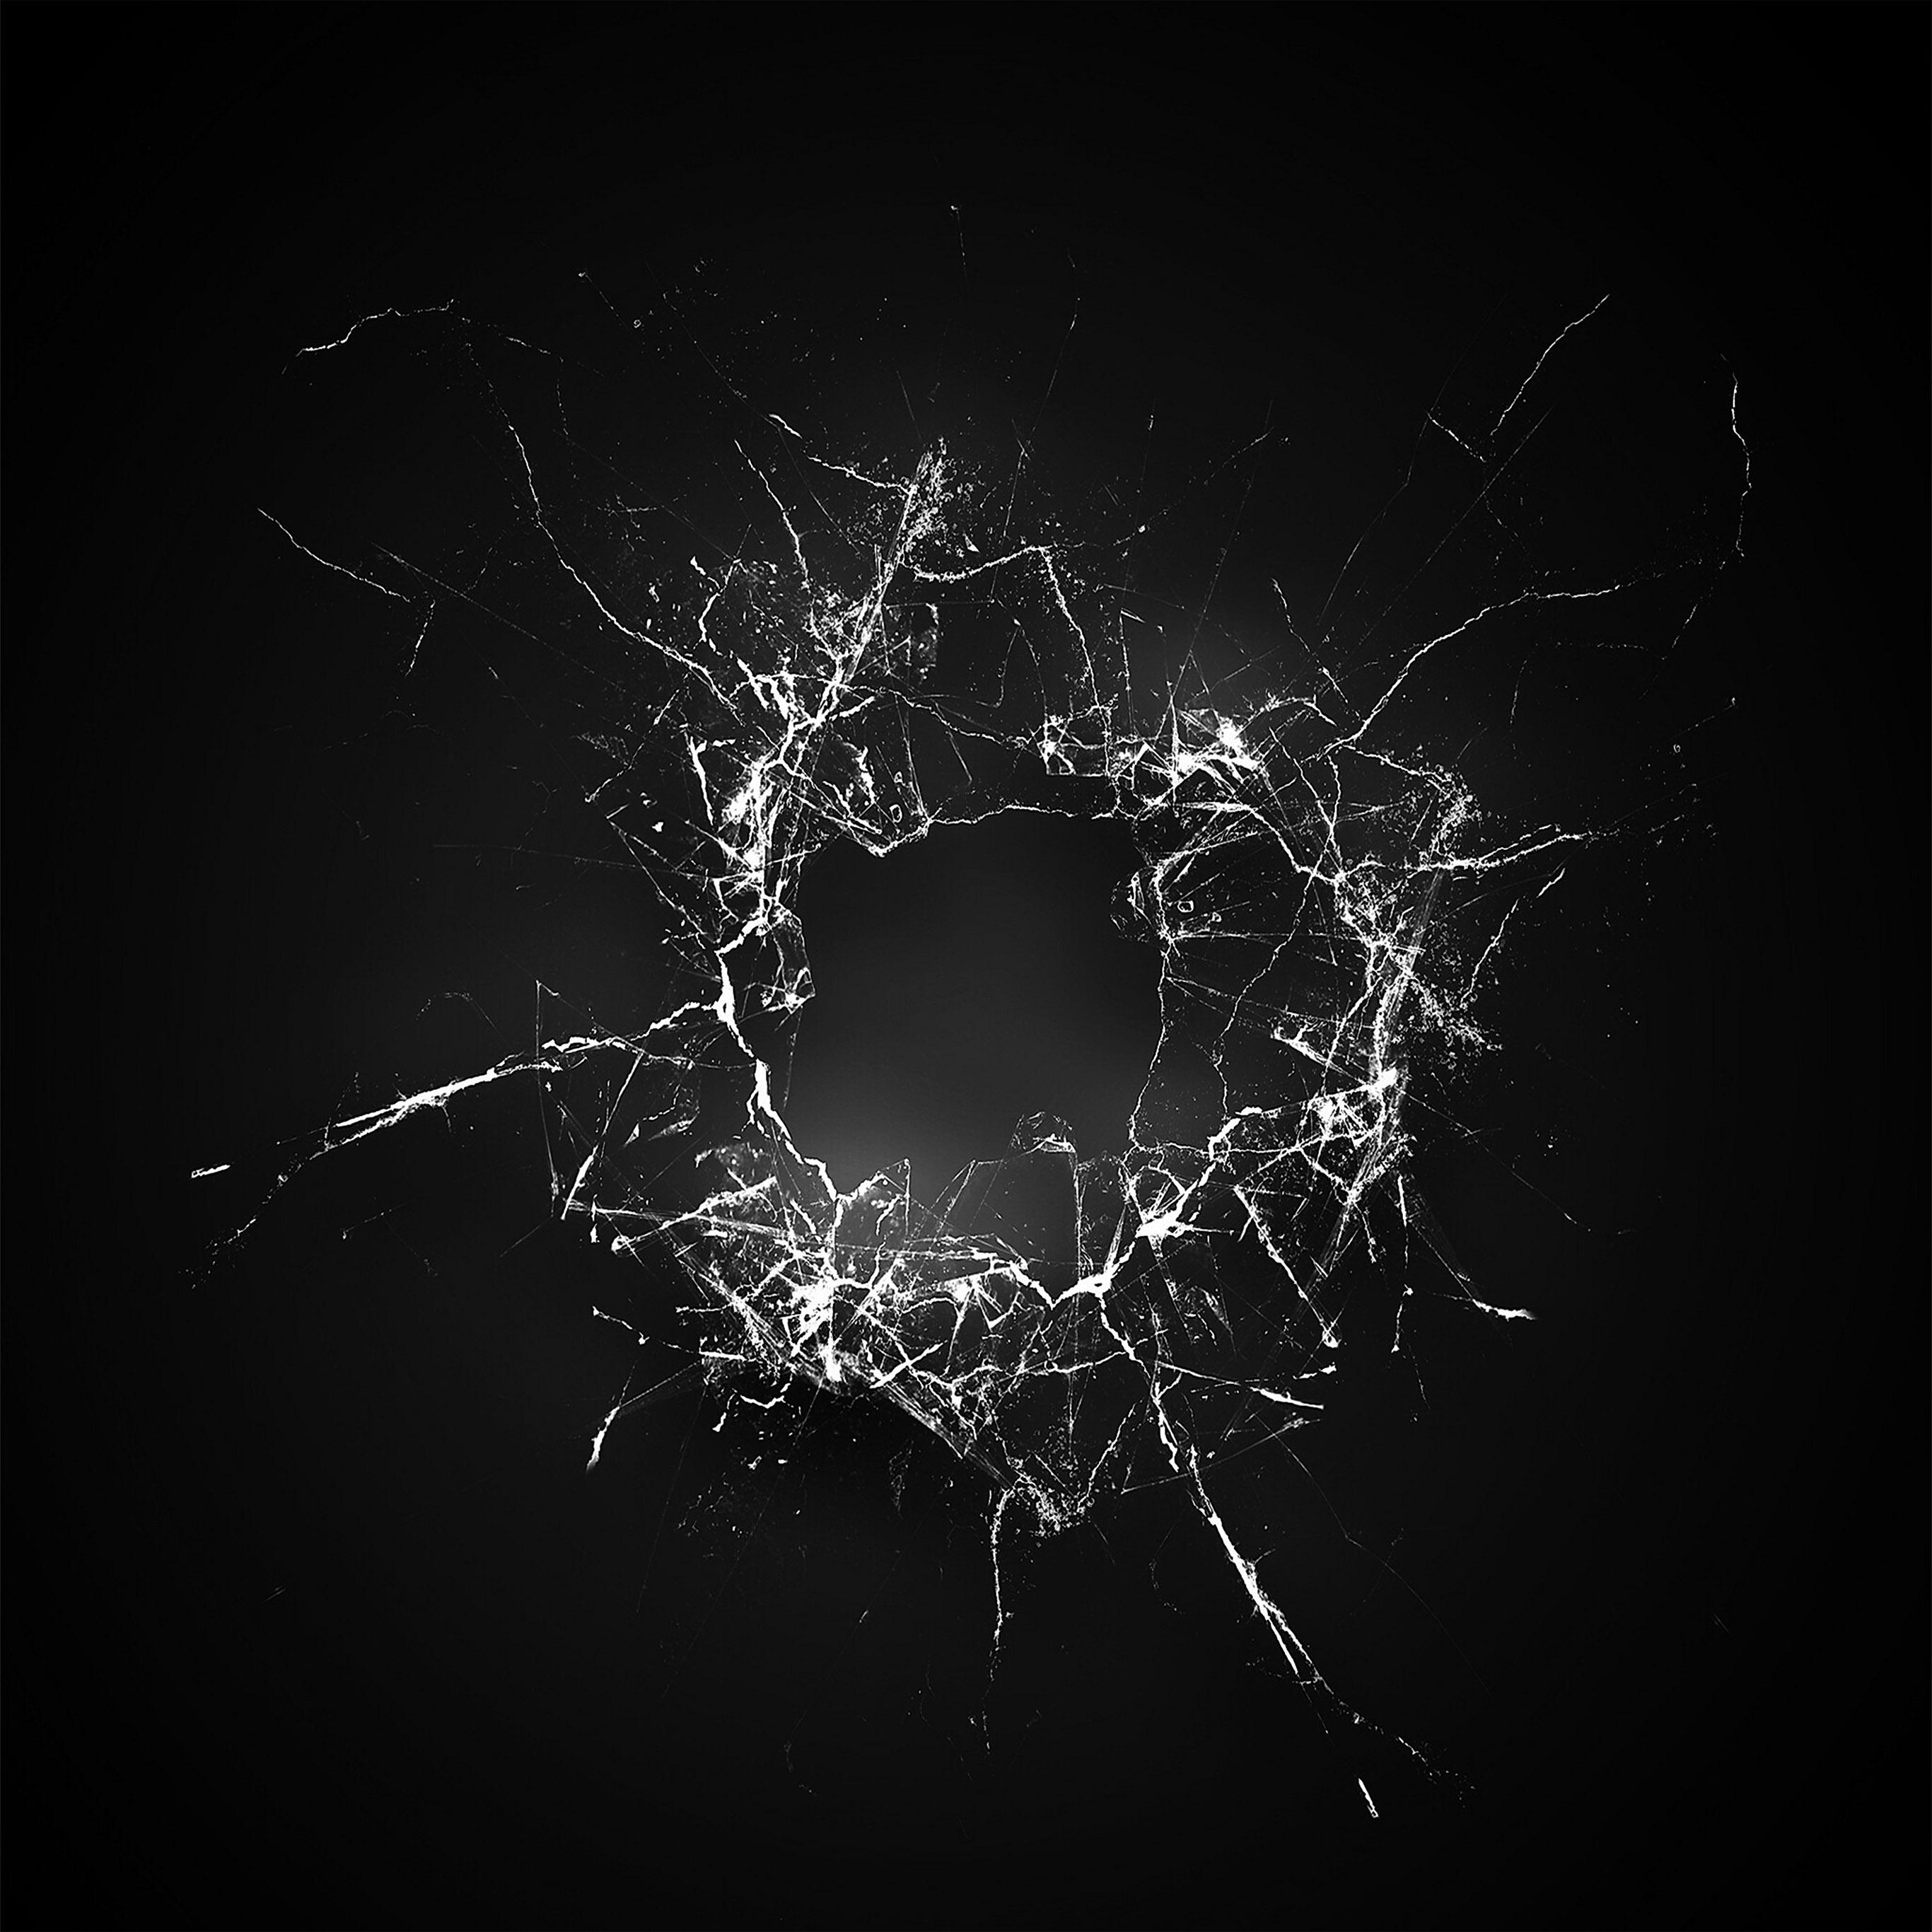 Glass Wallpaper: Vu19-crack-glass-dark-bw-texture-pattern